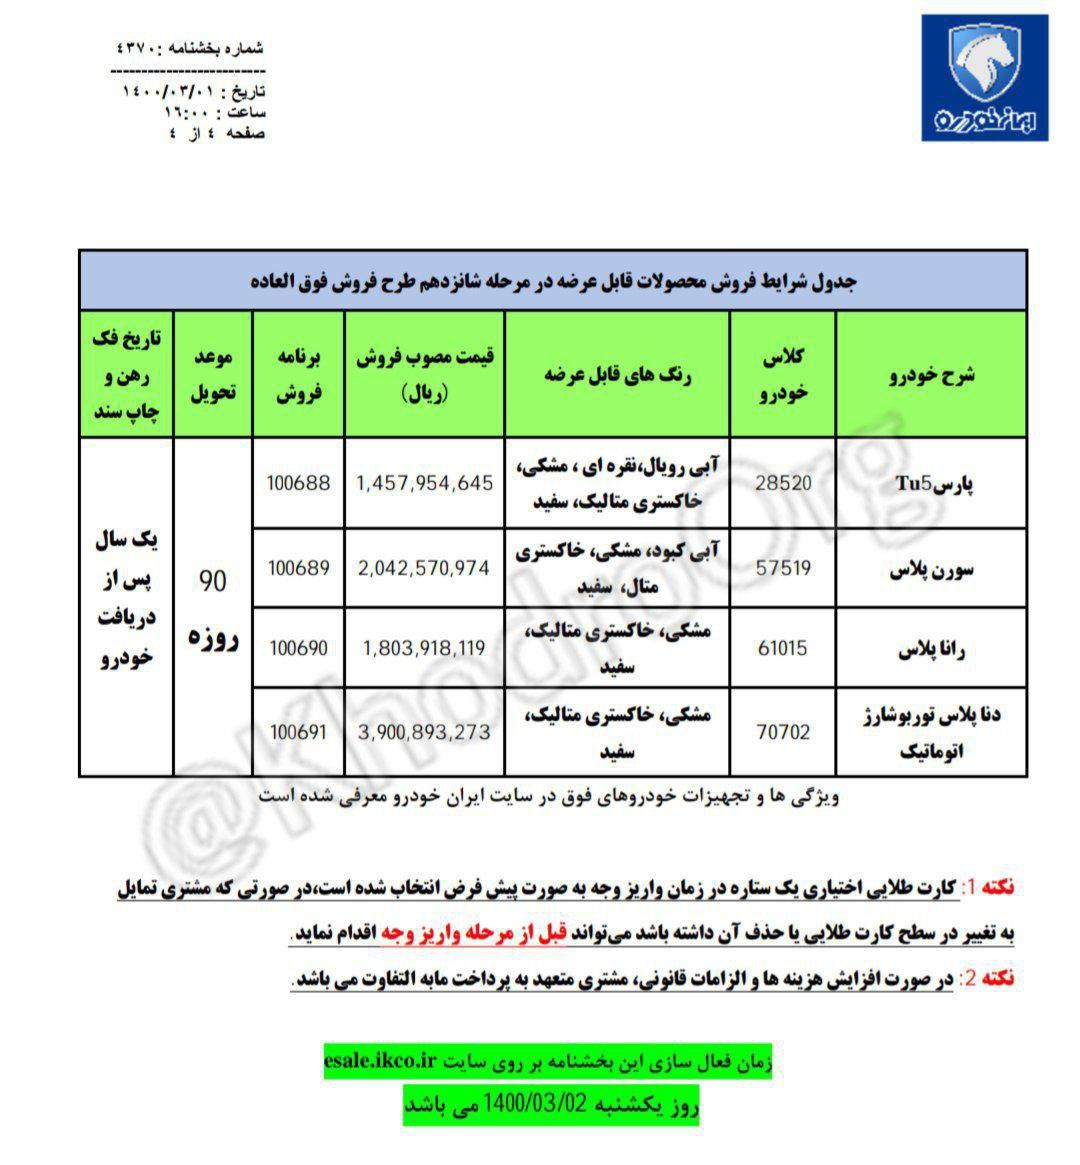 لیست محصولات ارائه شده ایران خودرو در مرحله شانزدهم